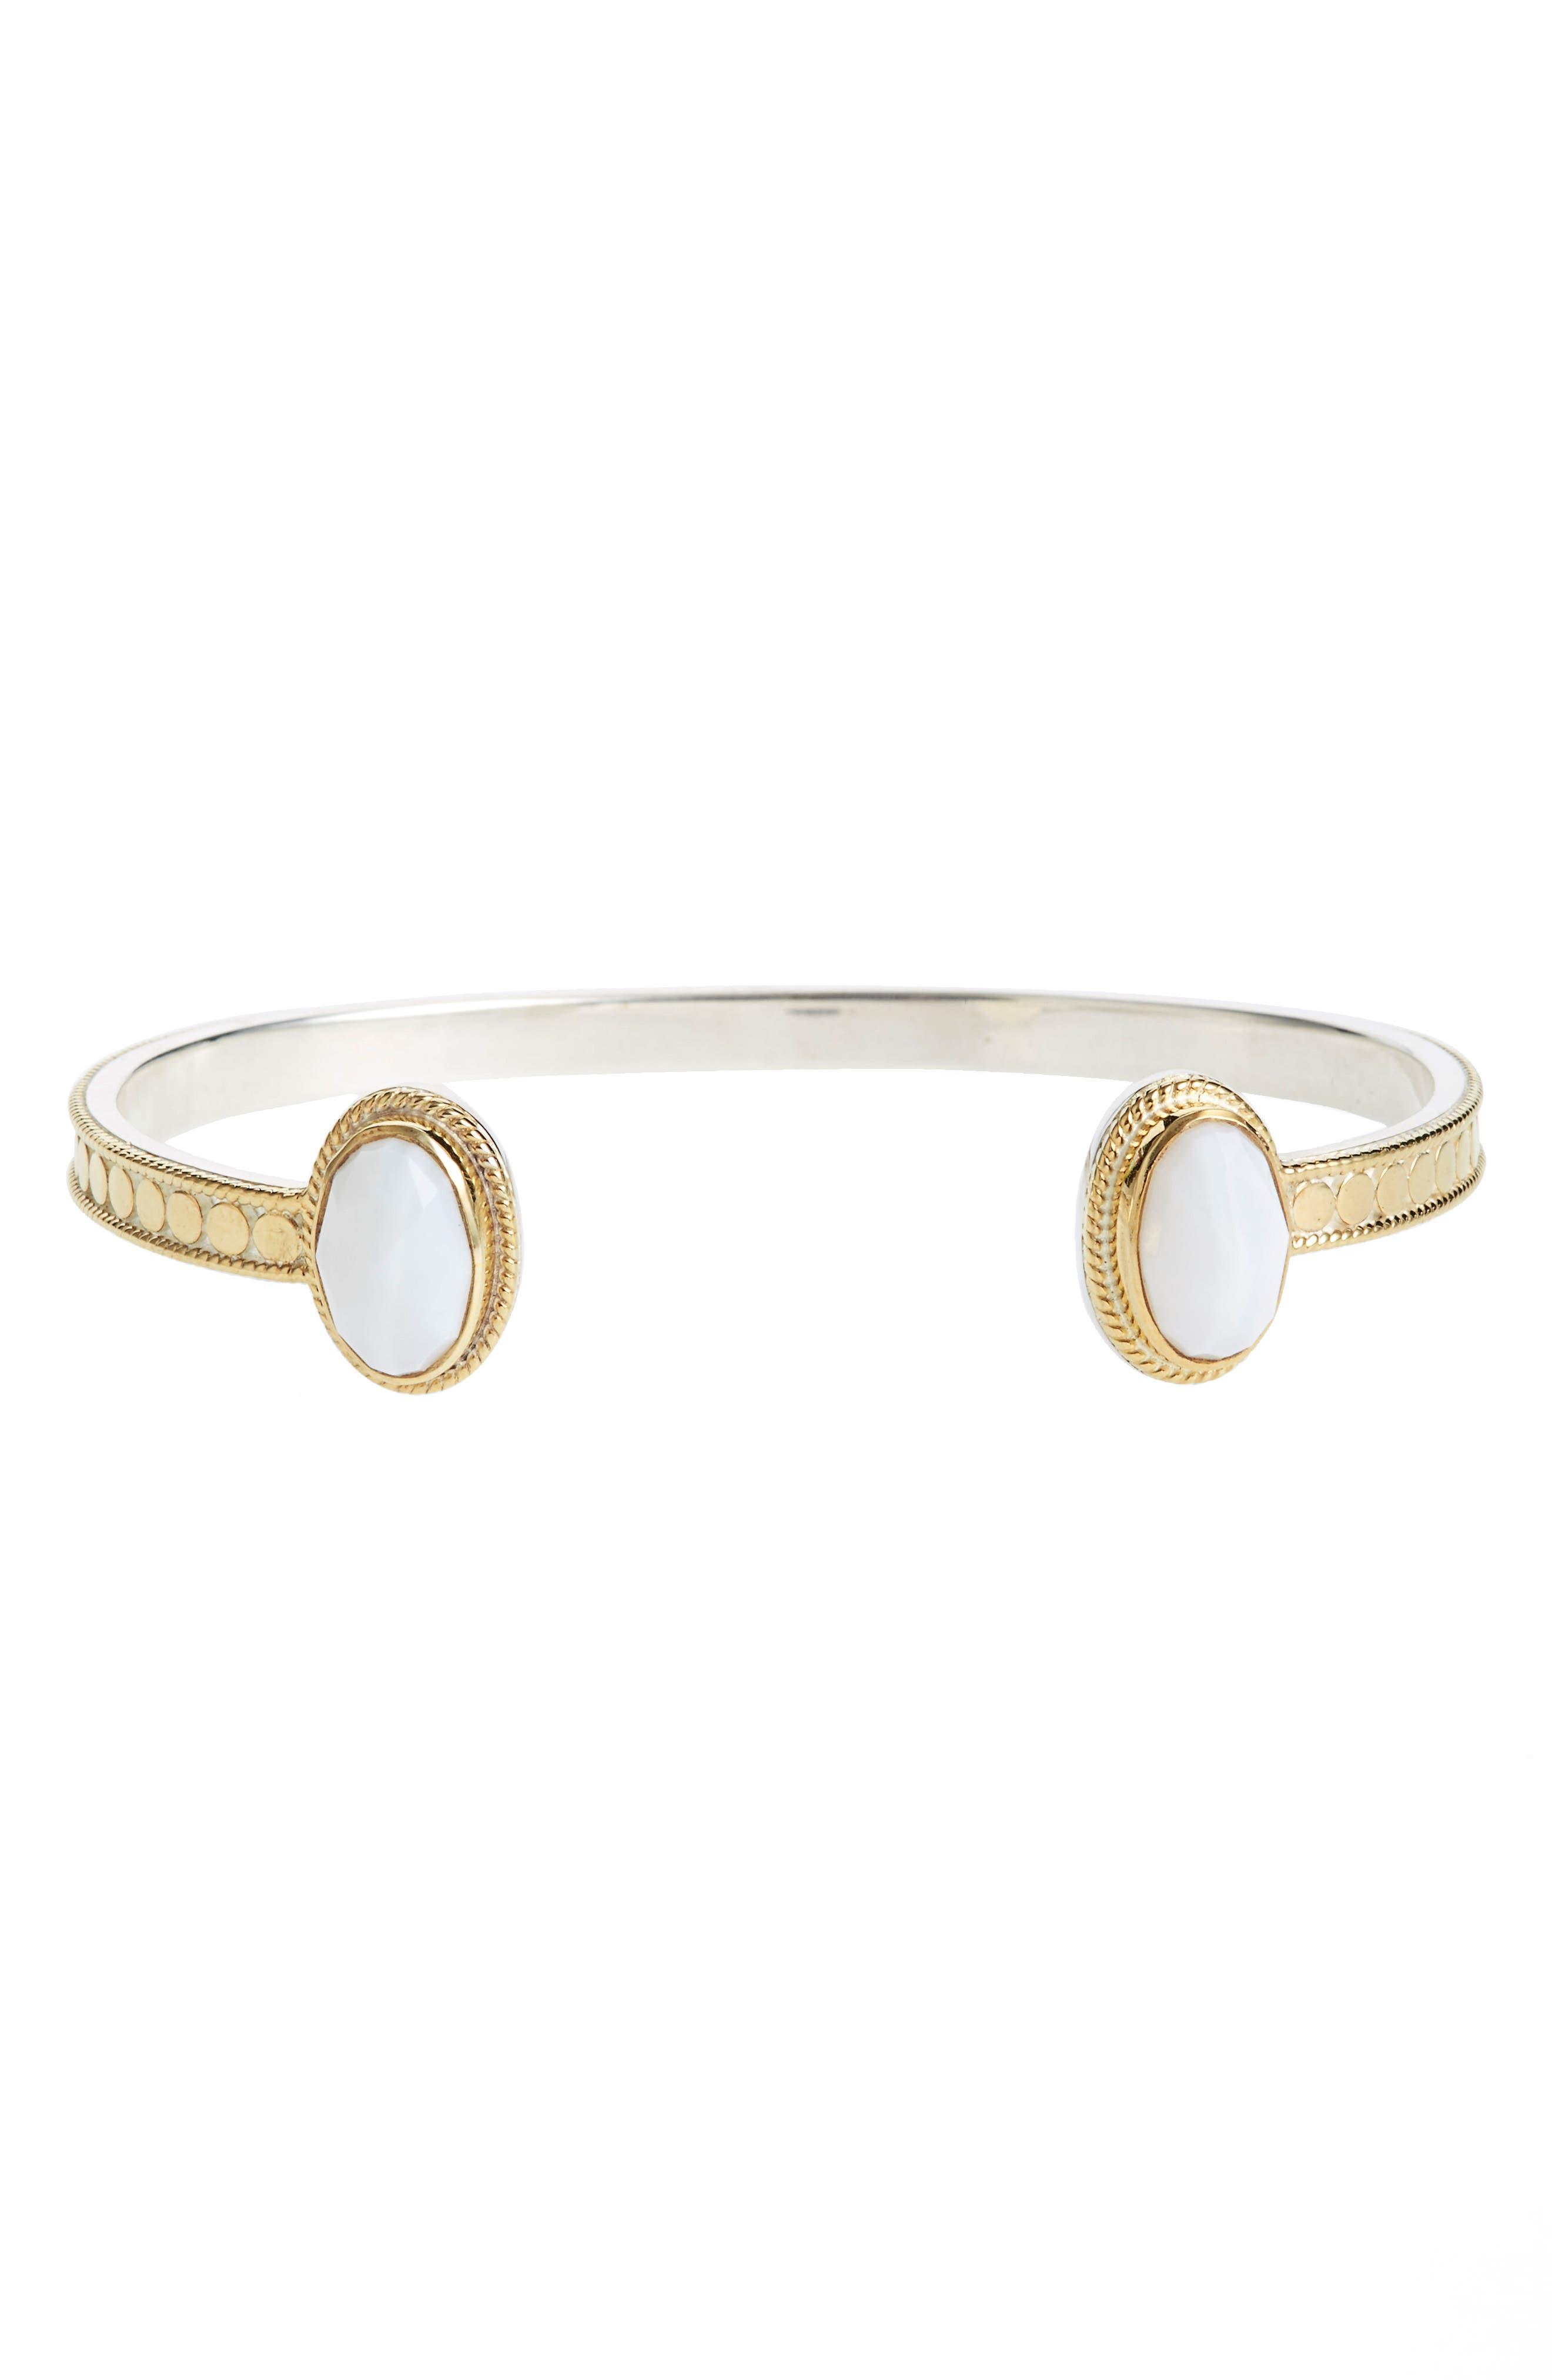 White Opal Cuff,                         Main,                         color, Gold/ Silver